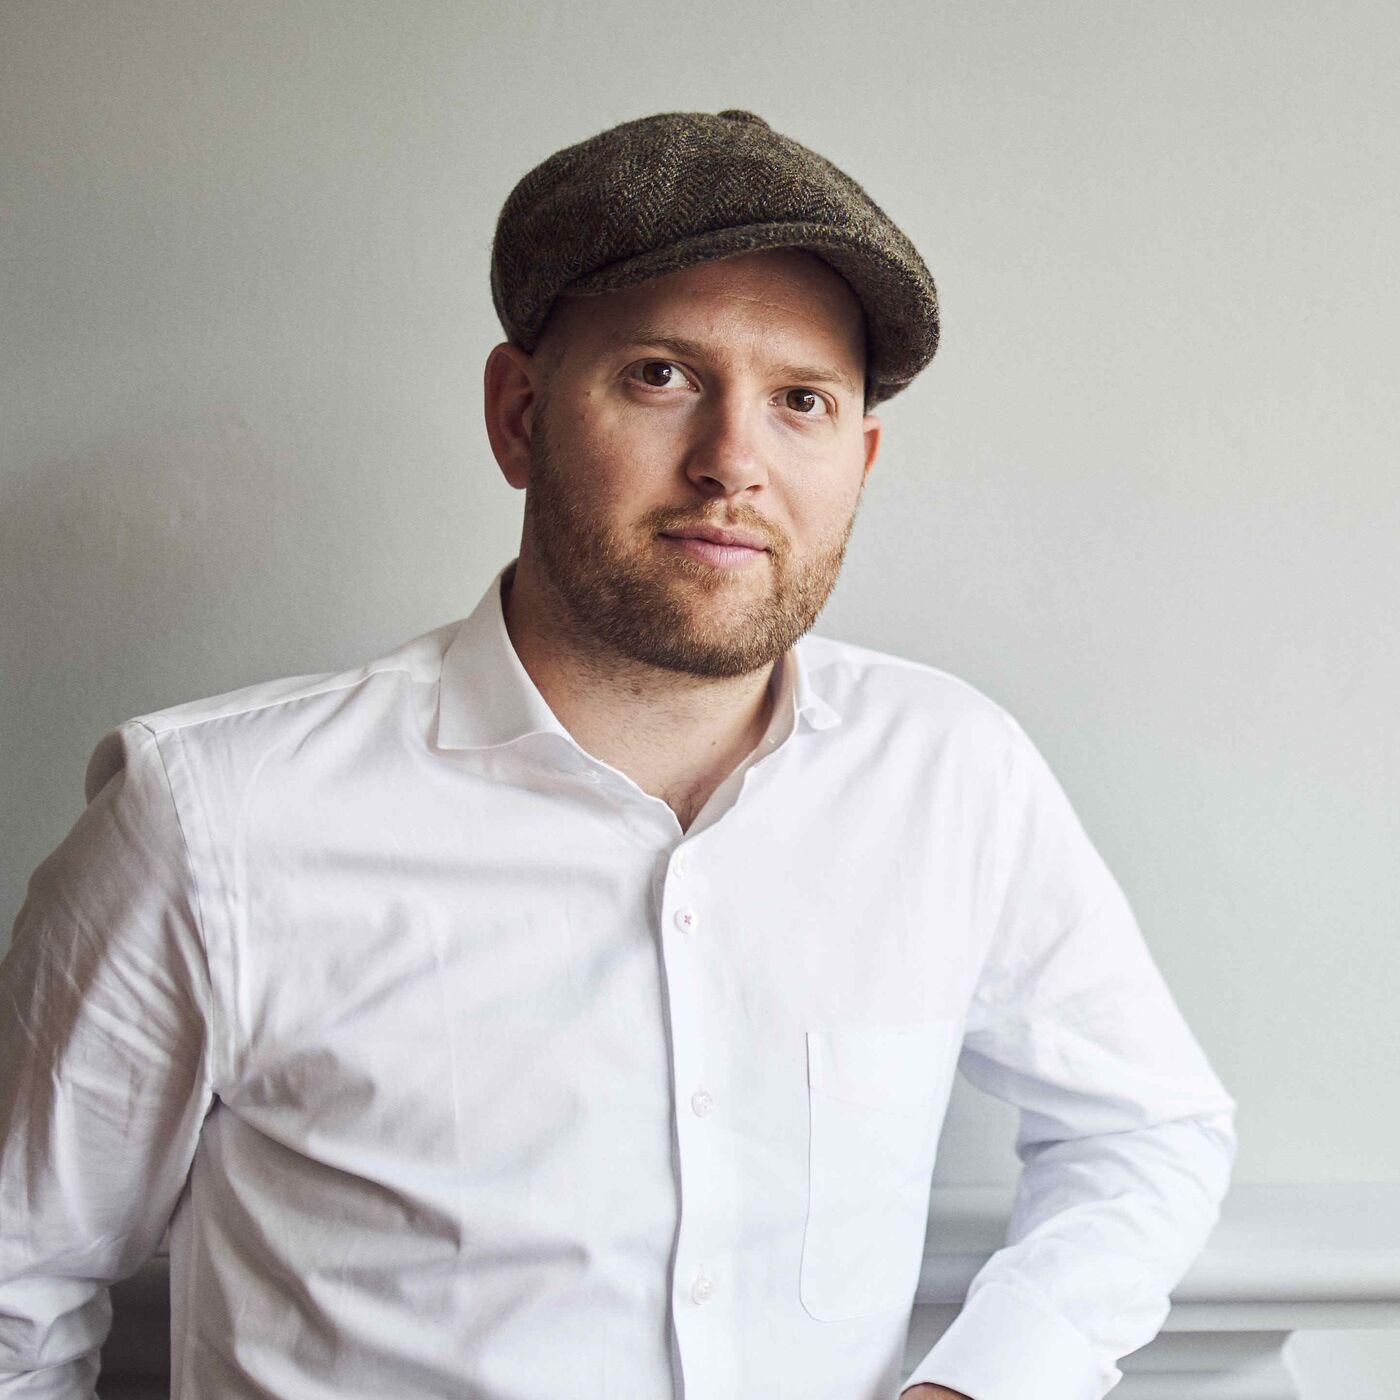 Matt Bird, Founder of The Shirt Society